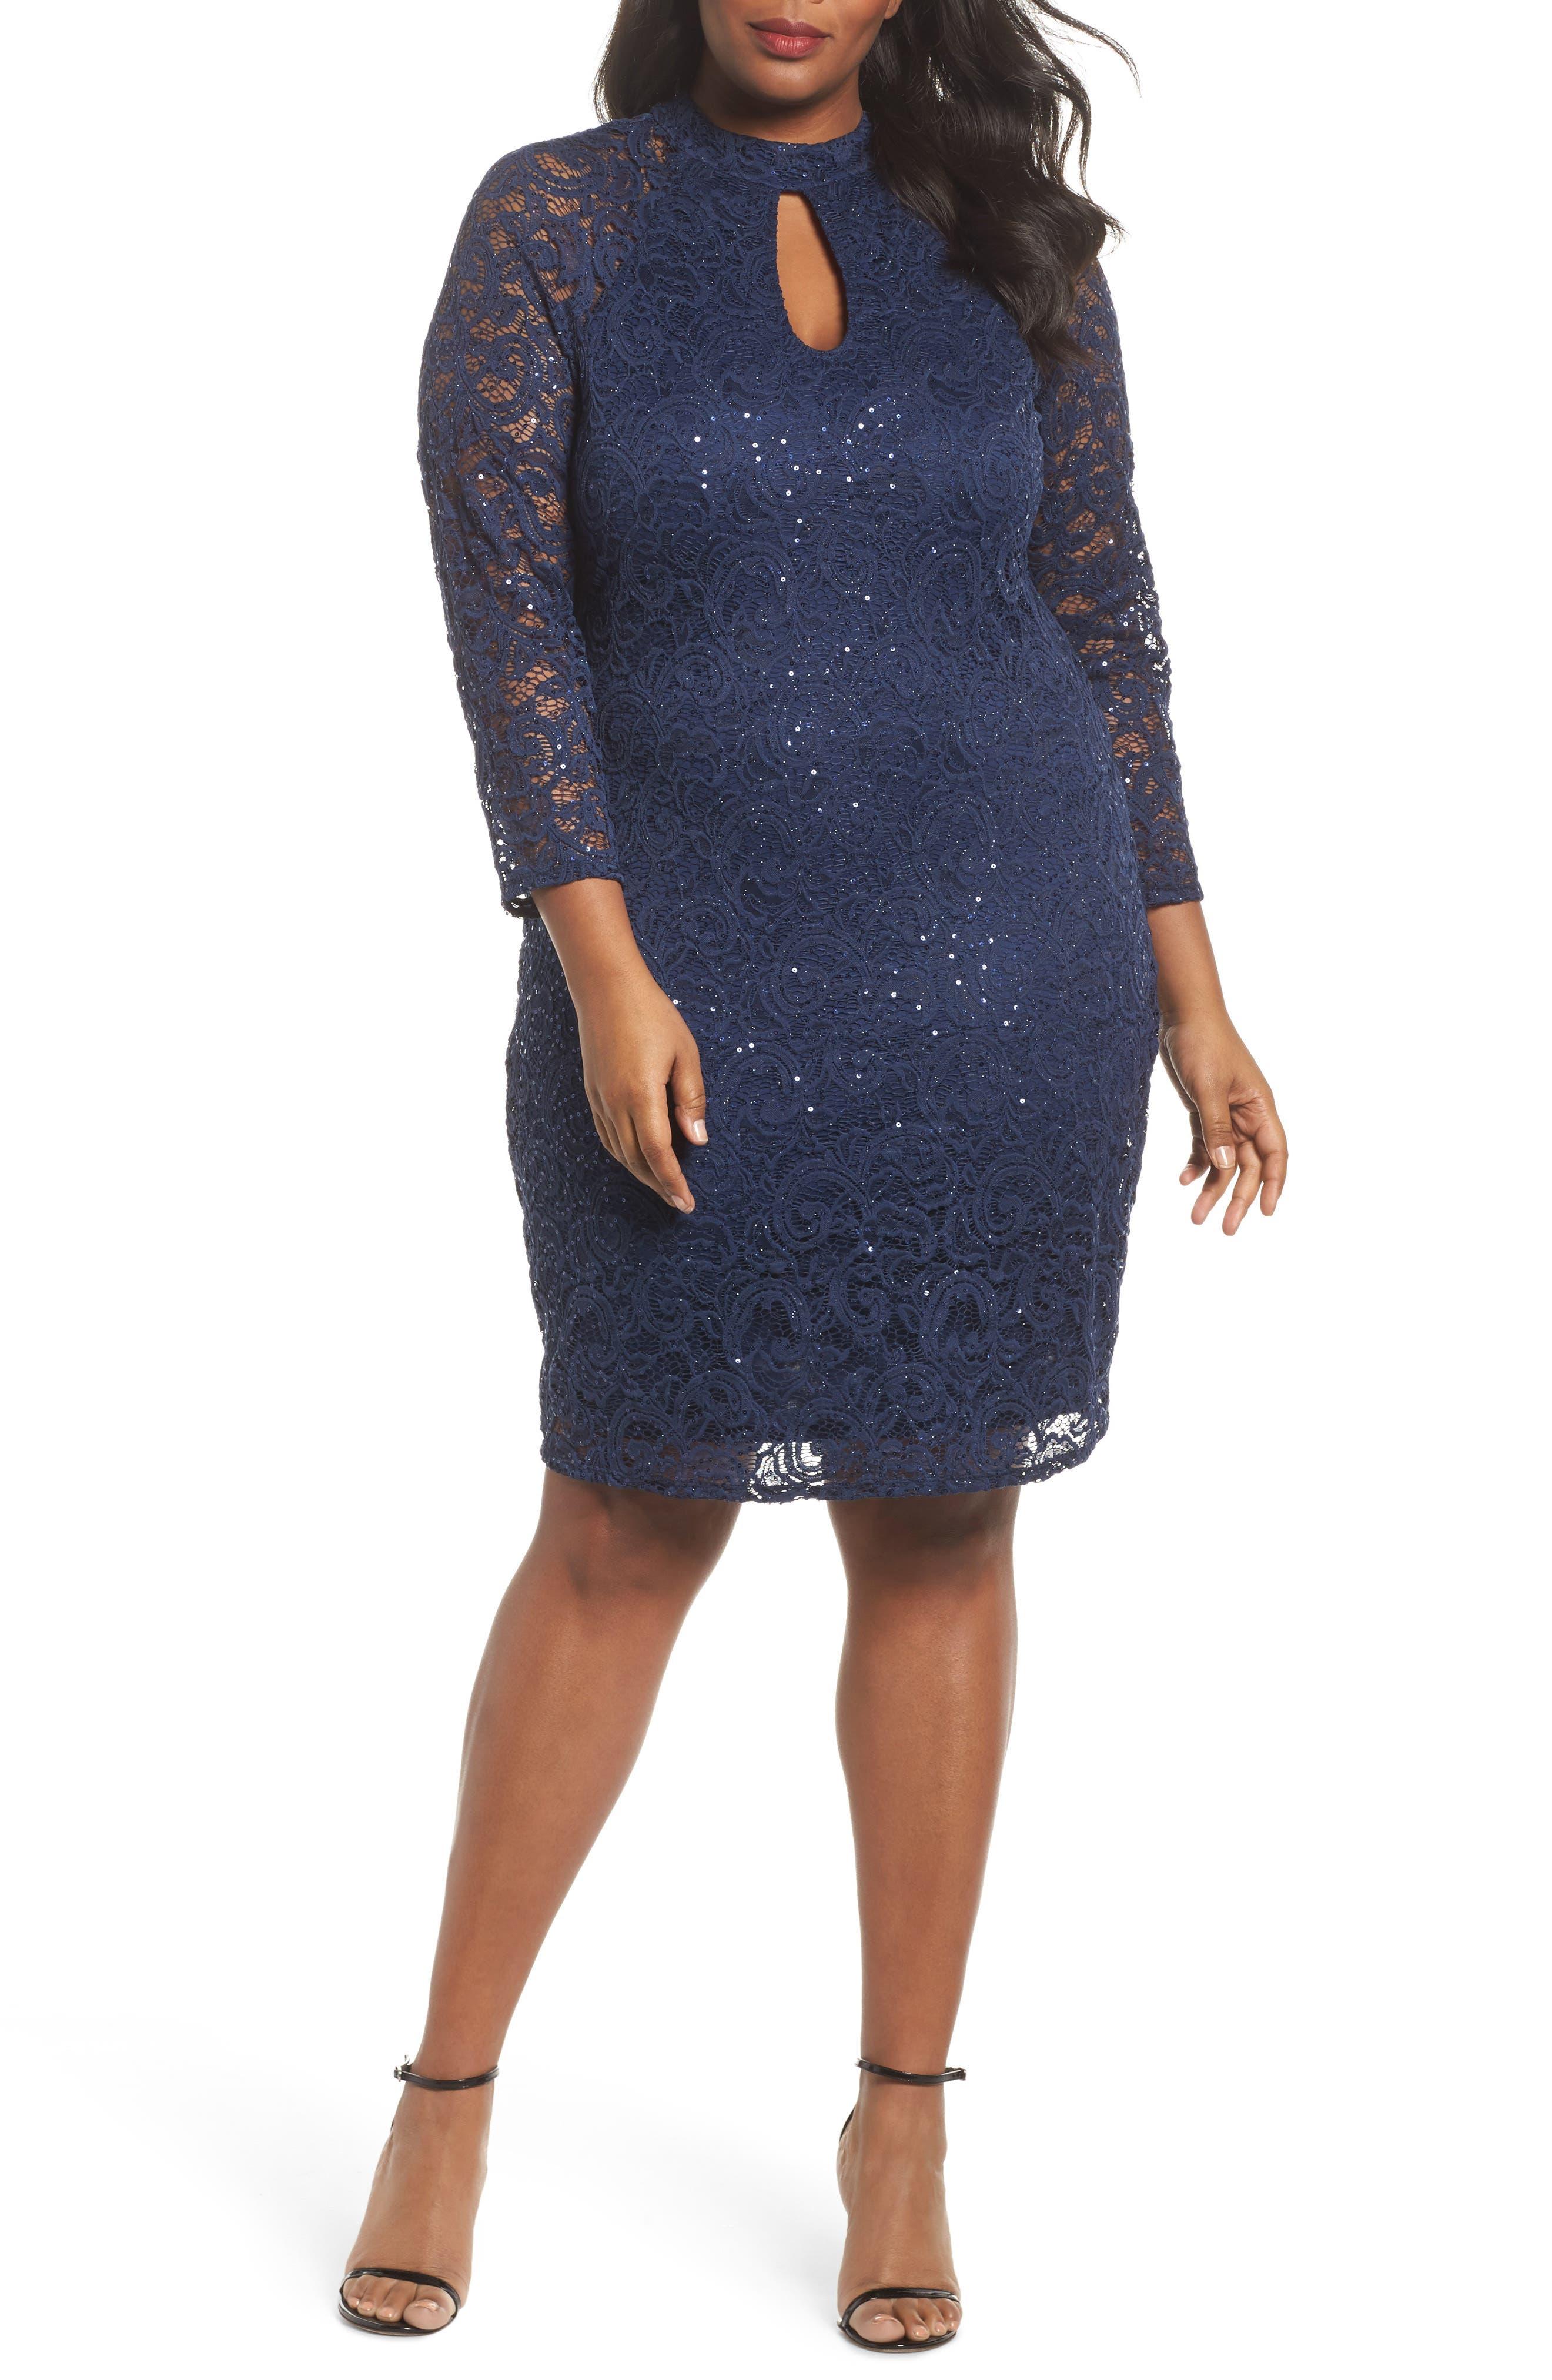 Alternate Image 1 Selected - Marina Sequin Keyhole Sheath Dress (Plus Size)